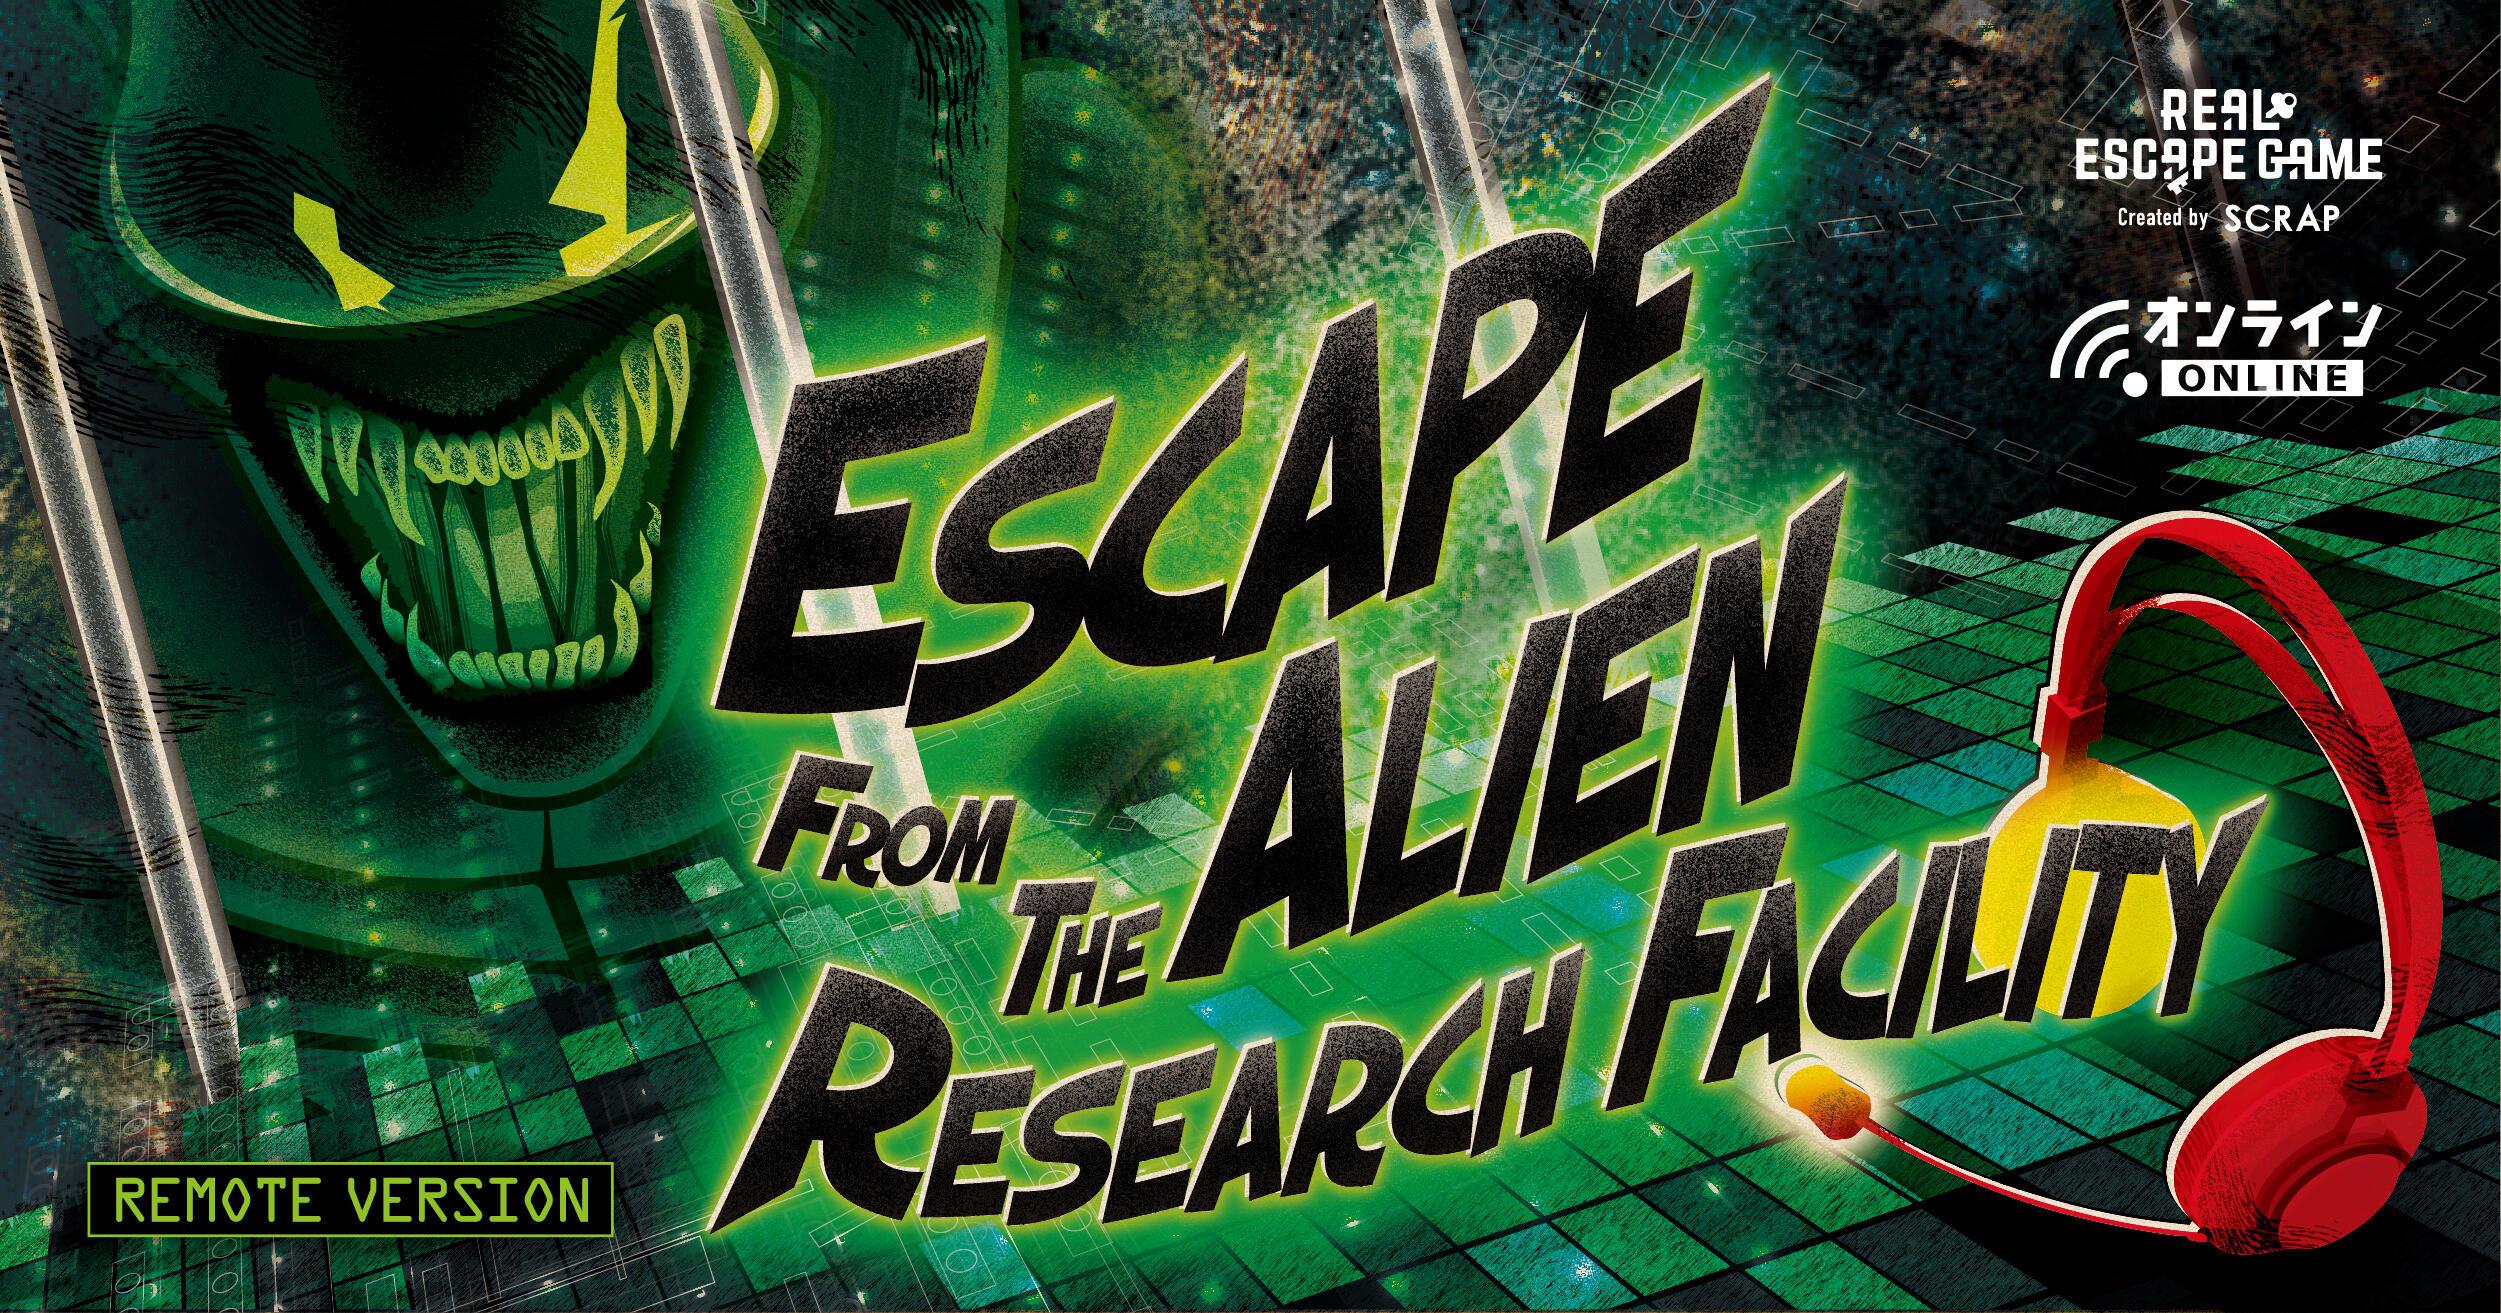 Escape from the Alien Researche center